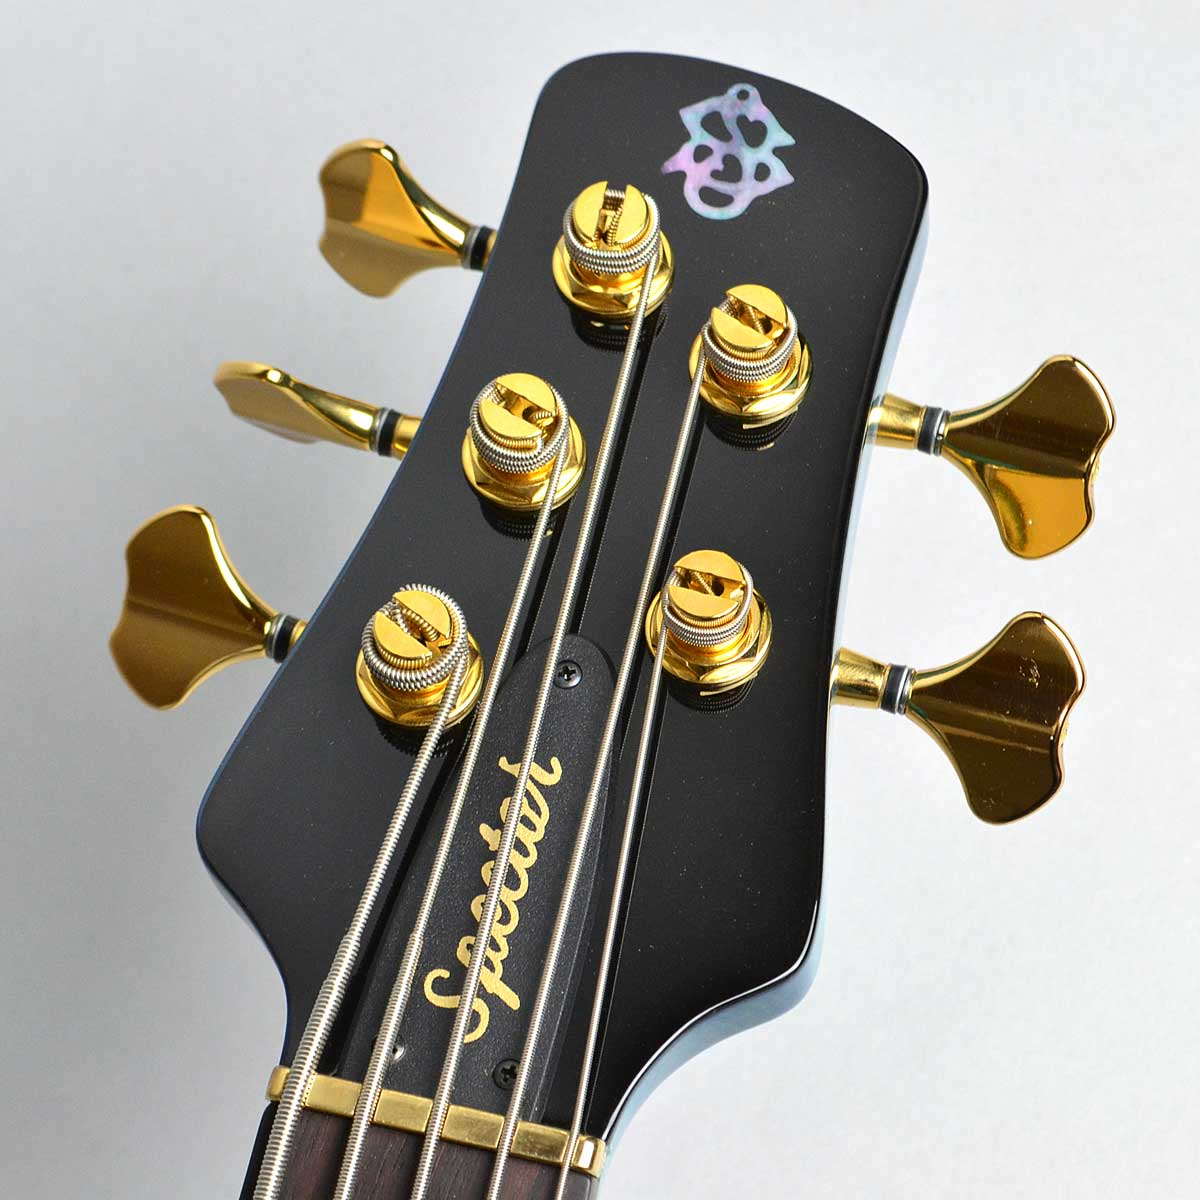 EURO 5 LX Premium Woodのヘッド画像